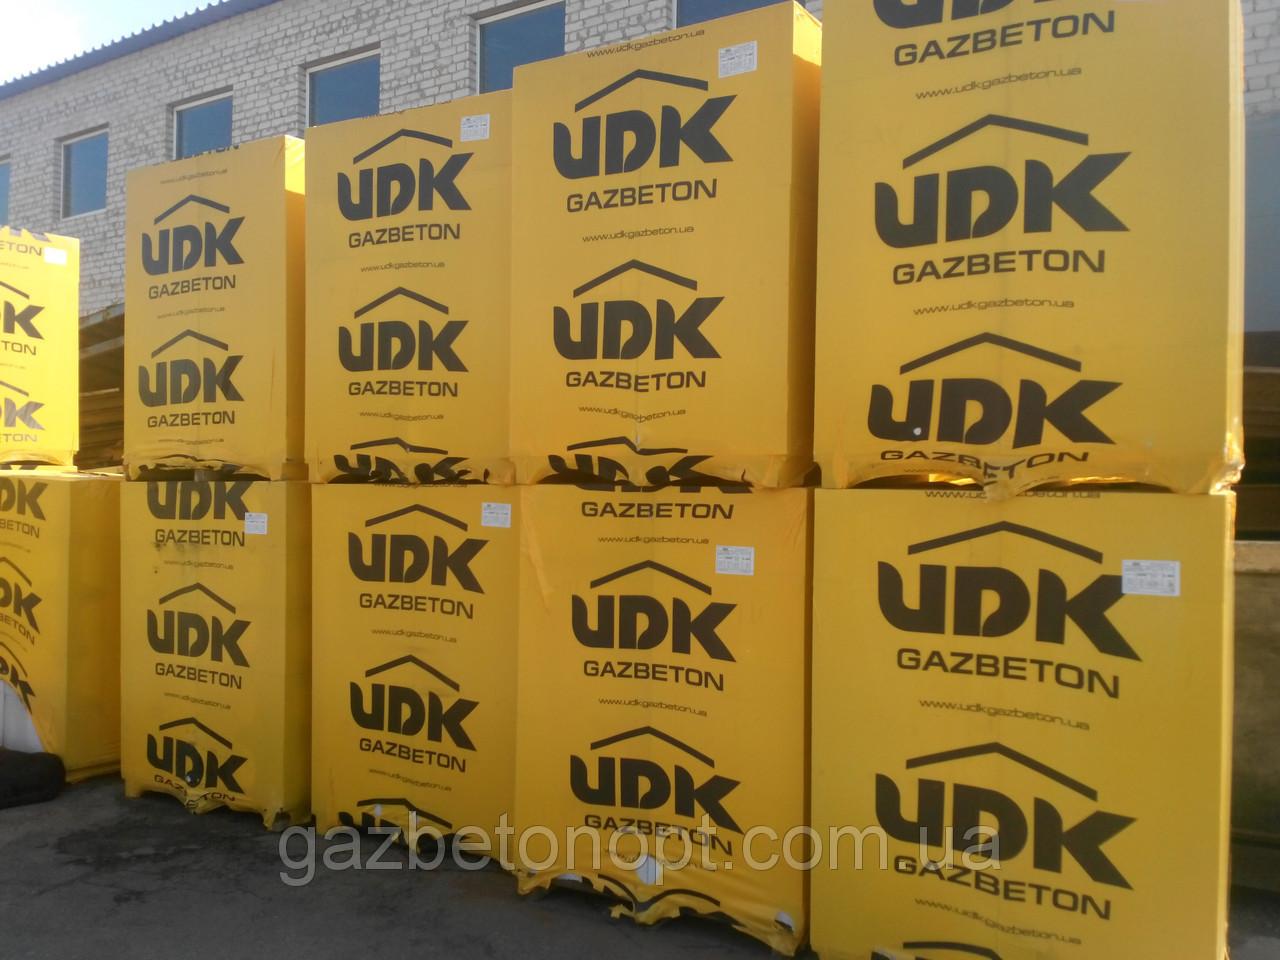 Газобетон, Газоблок, Газобетонные блоки  ЮДК (UDK) 600*375*200 D400 - Материалы для строительства и отделки стен в Харькове